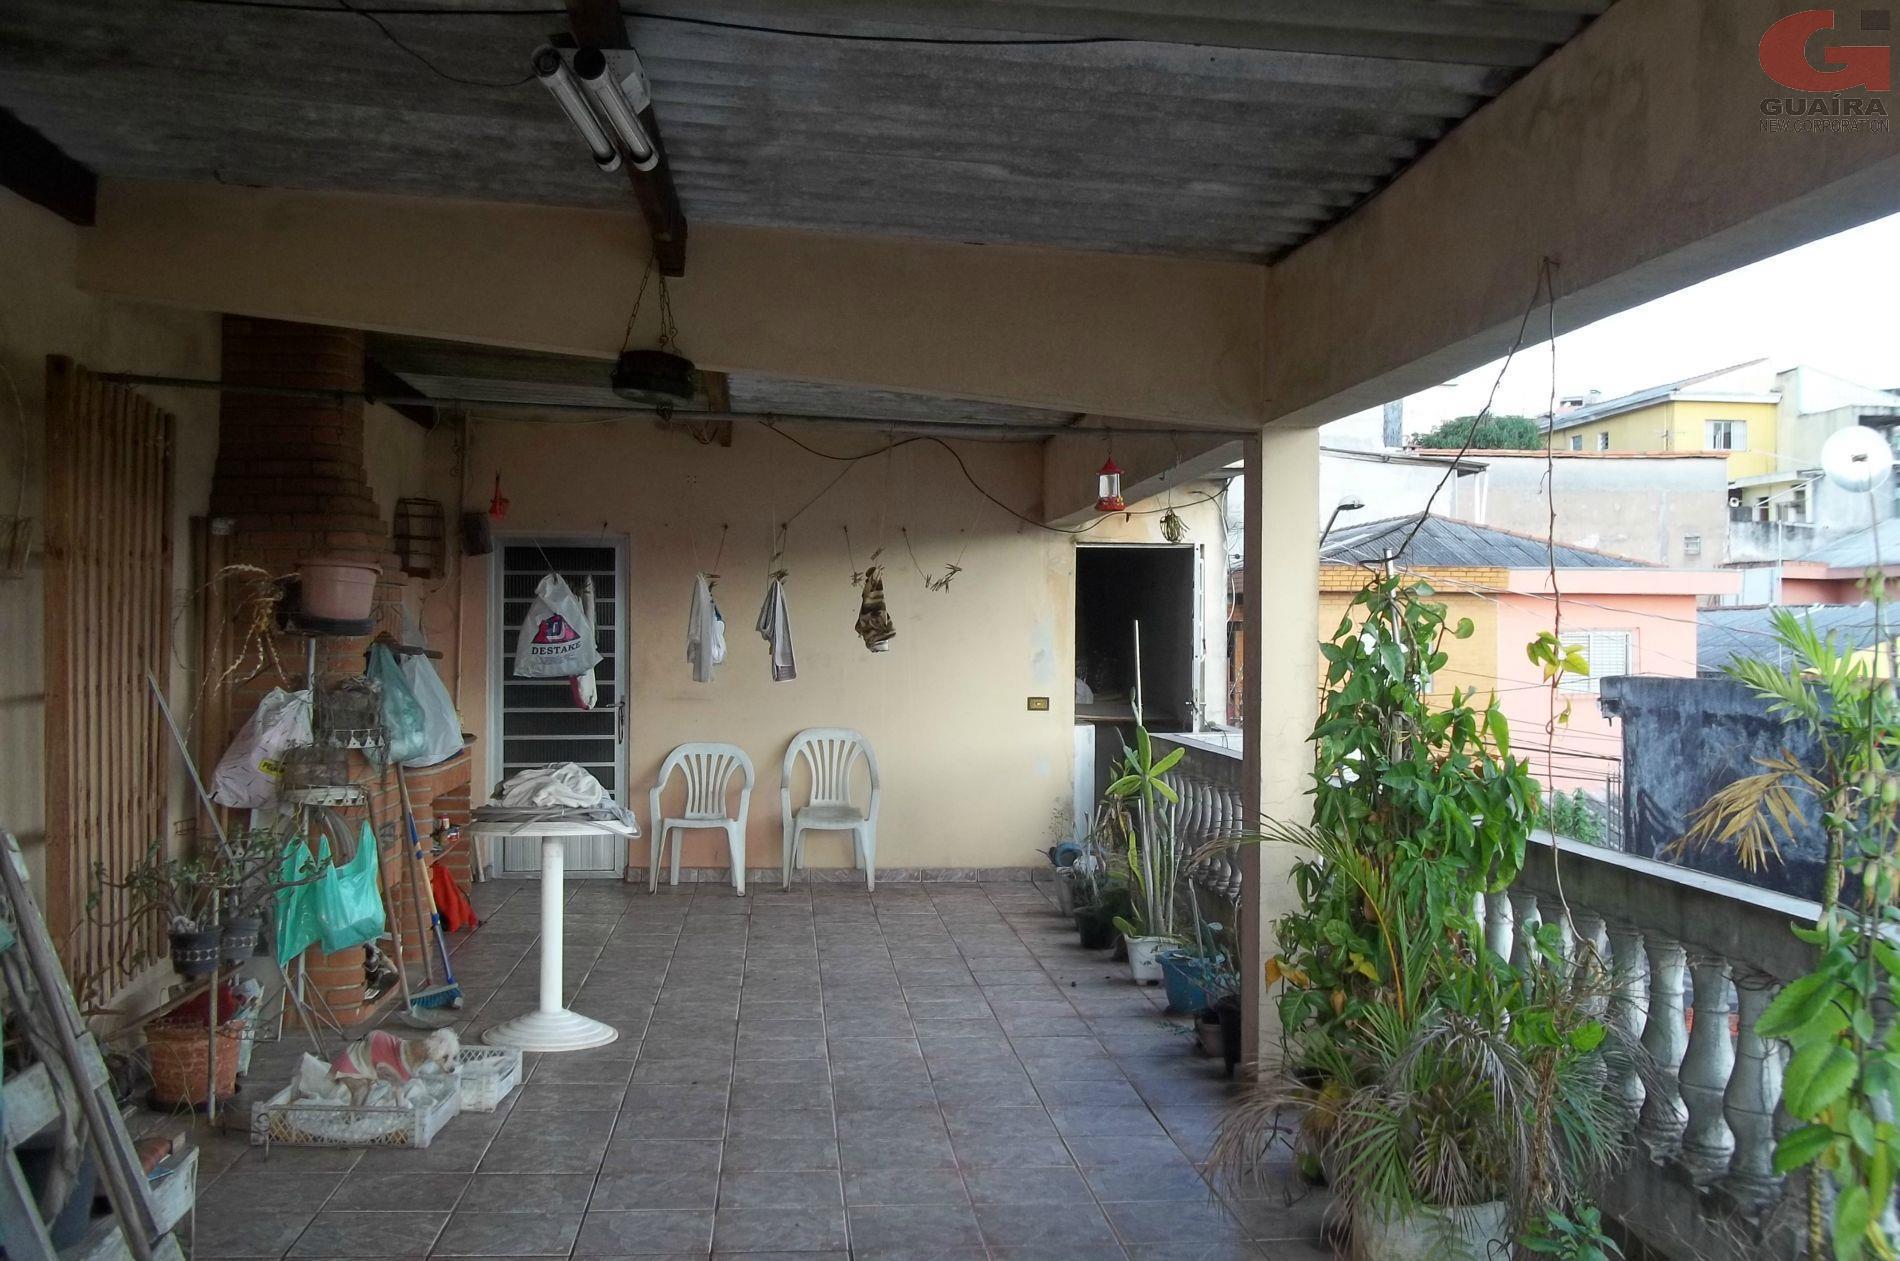 Sobrado de 4 dormitórios em Taboão, Diadema - SP